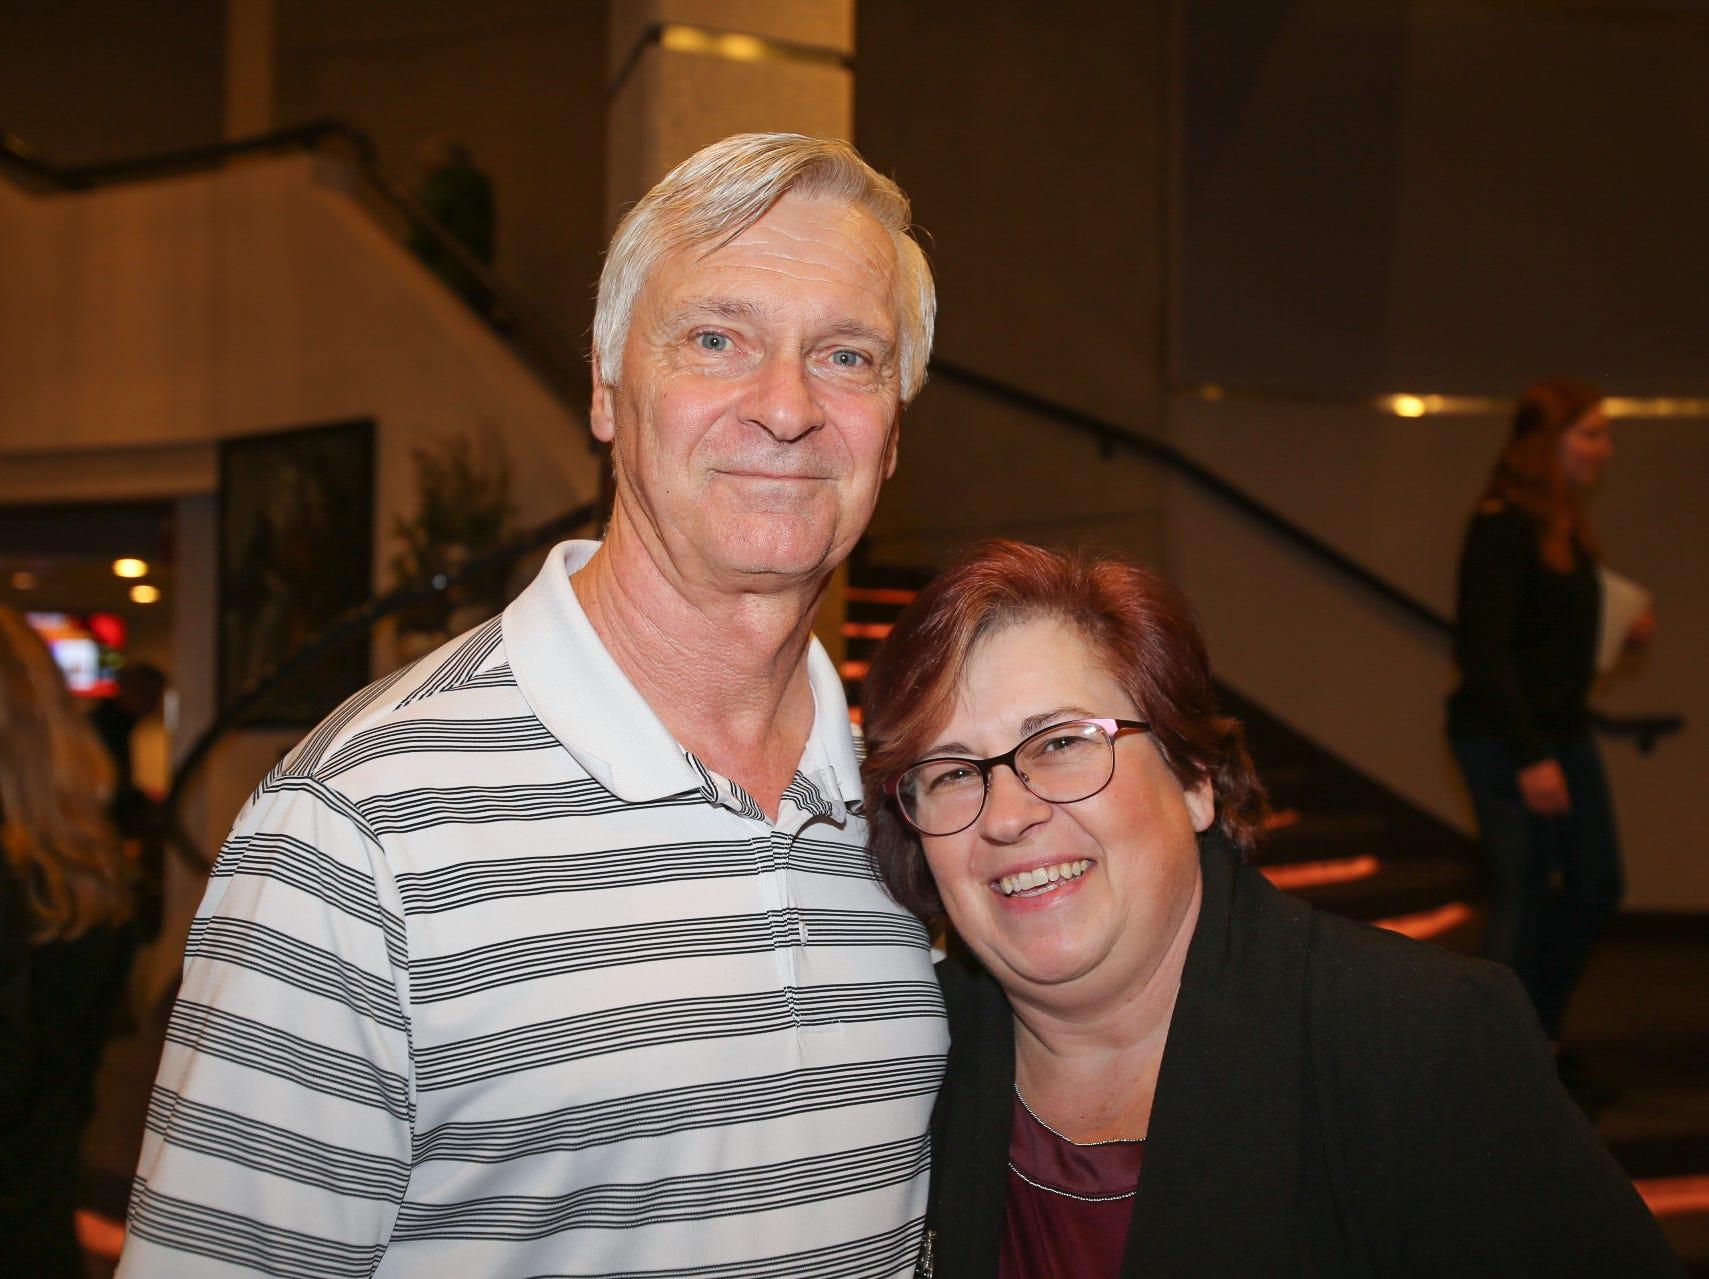 Hank and Linda Priester